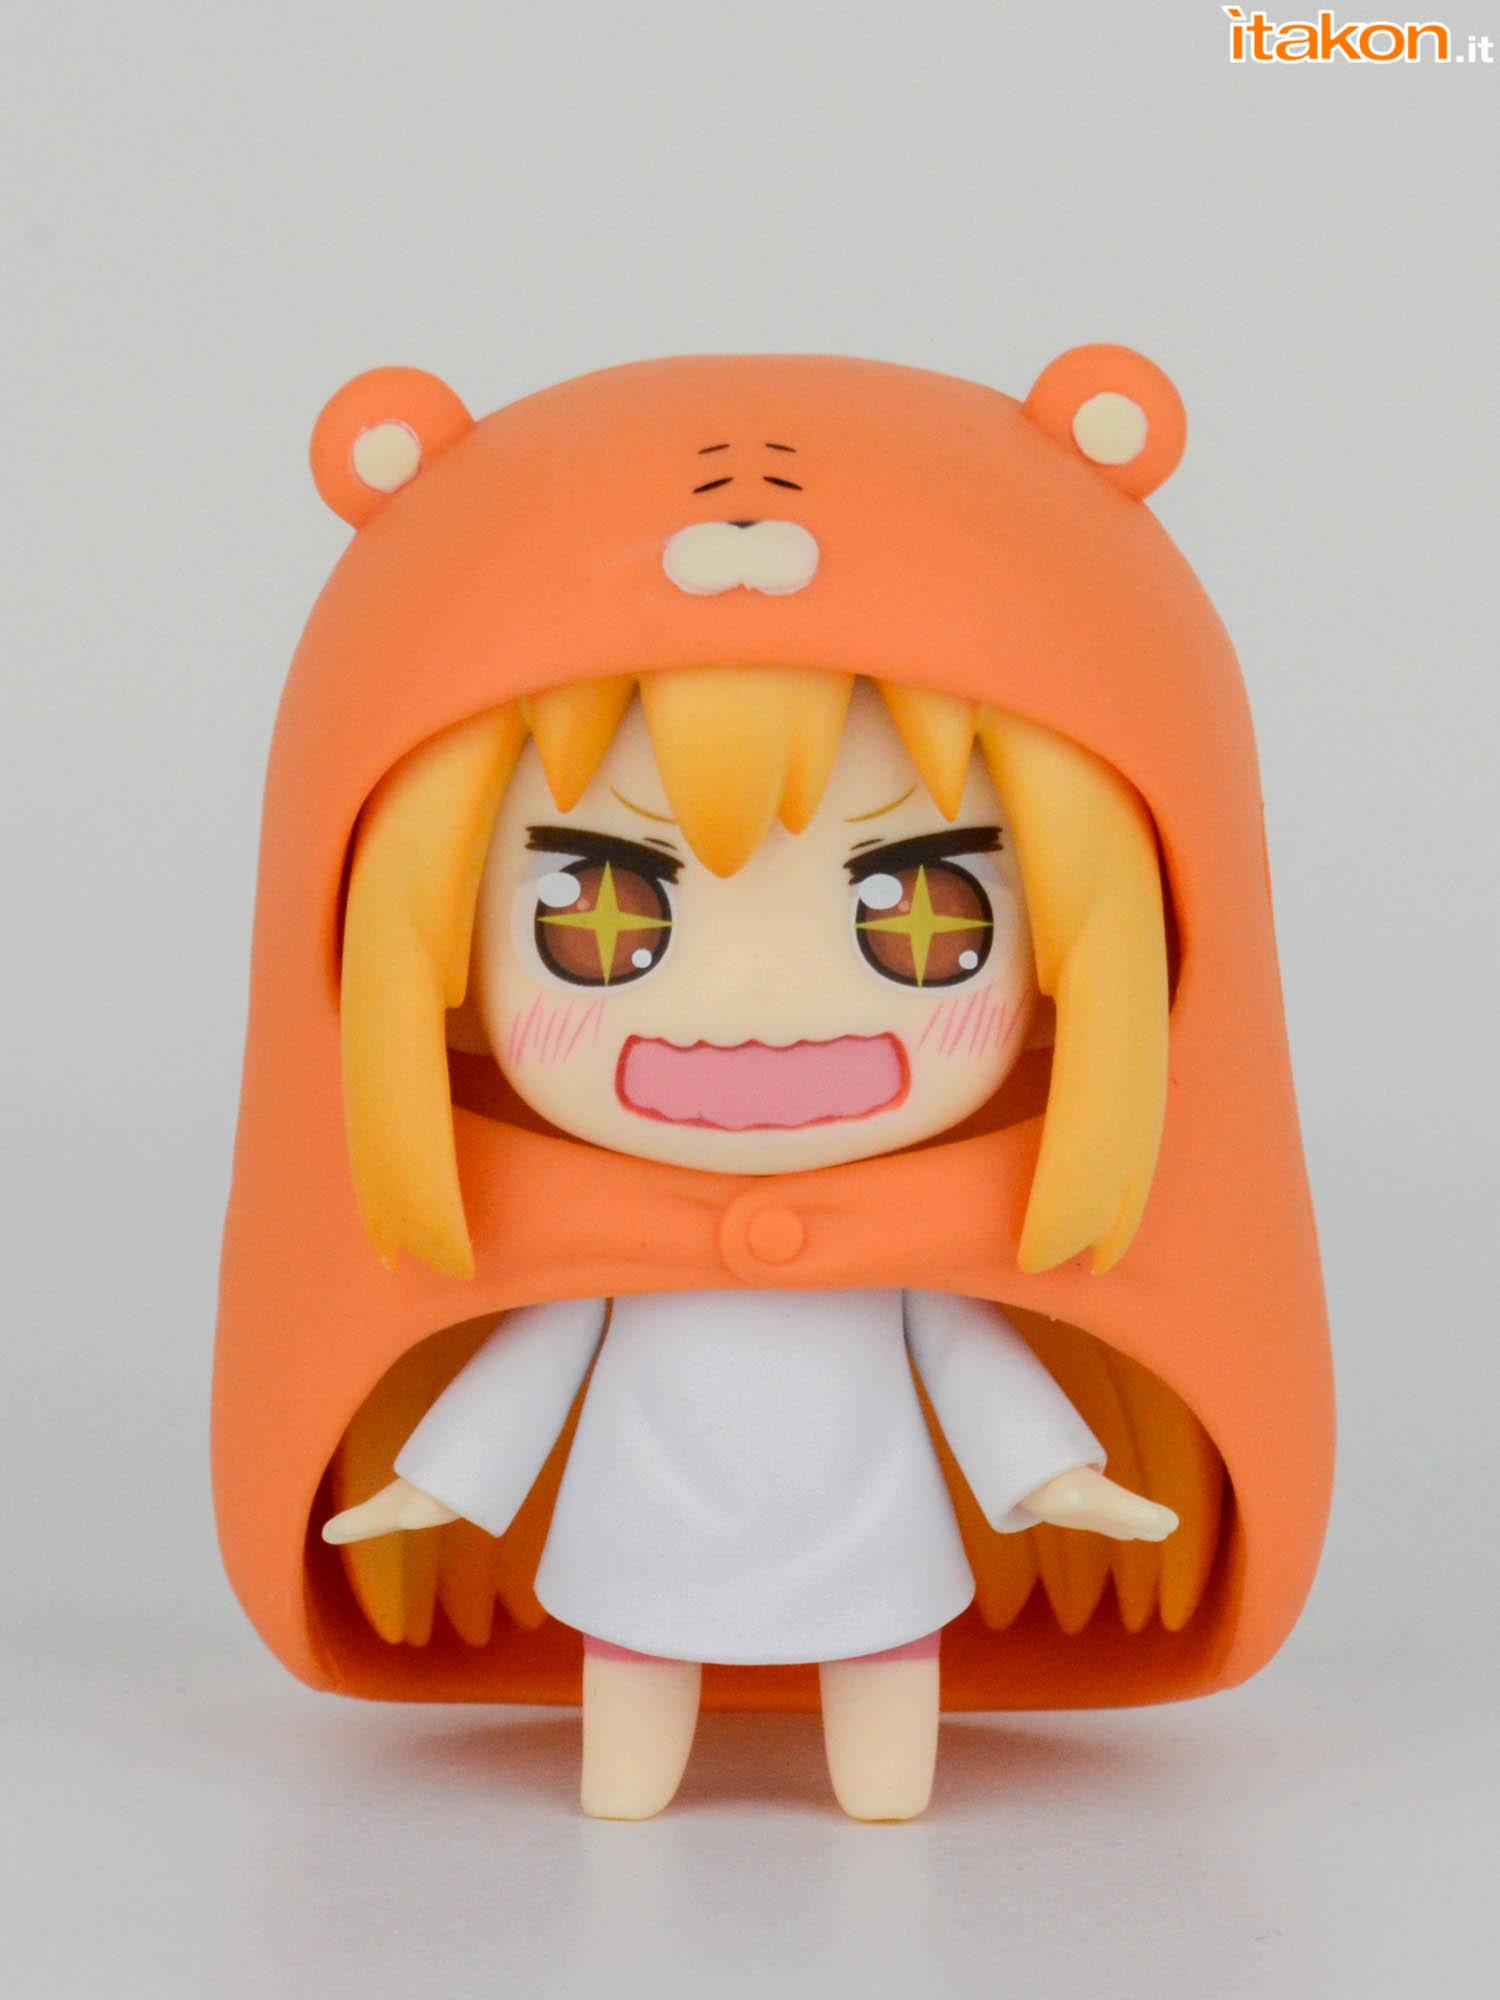 Umaru_Nendoroid_GSC_524_review-18b